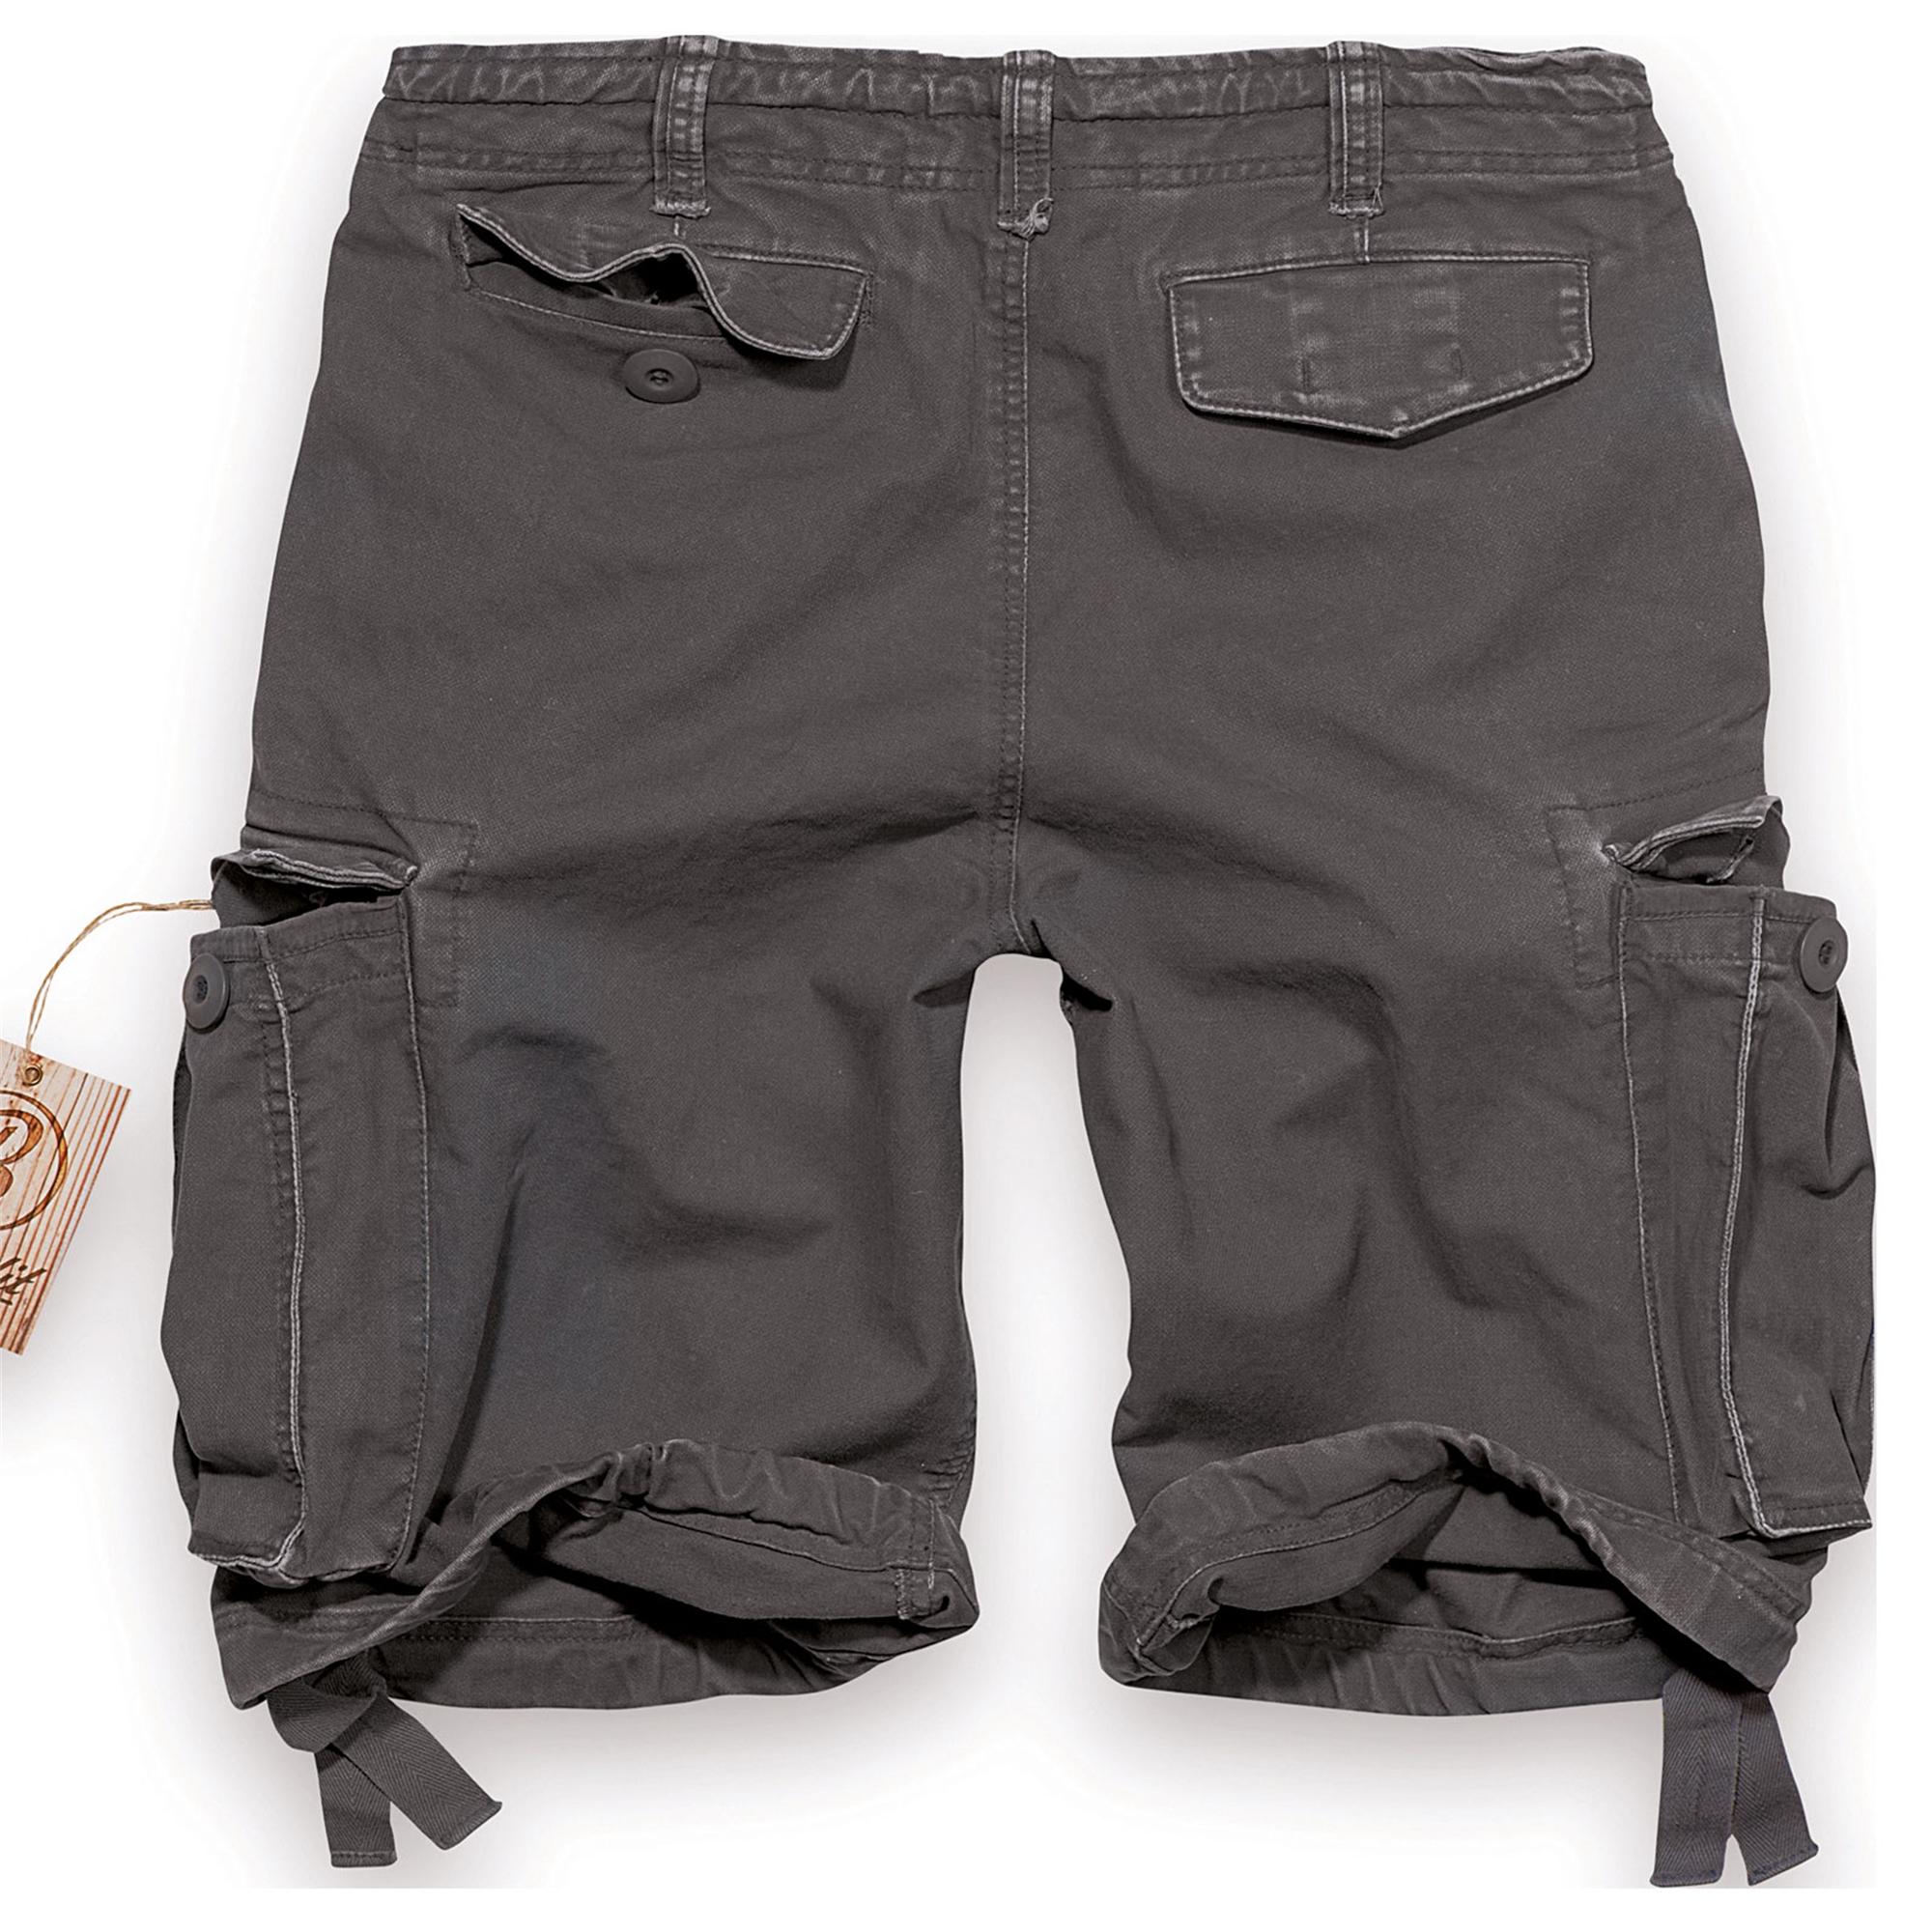 Brandit-Vintage-Herren-Cargo-Shorts-Bermuda-Kurze-Hose-Short-US-Army-Ranger Indexbild 8